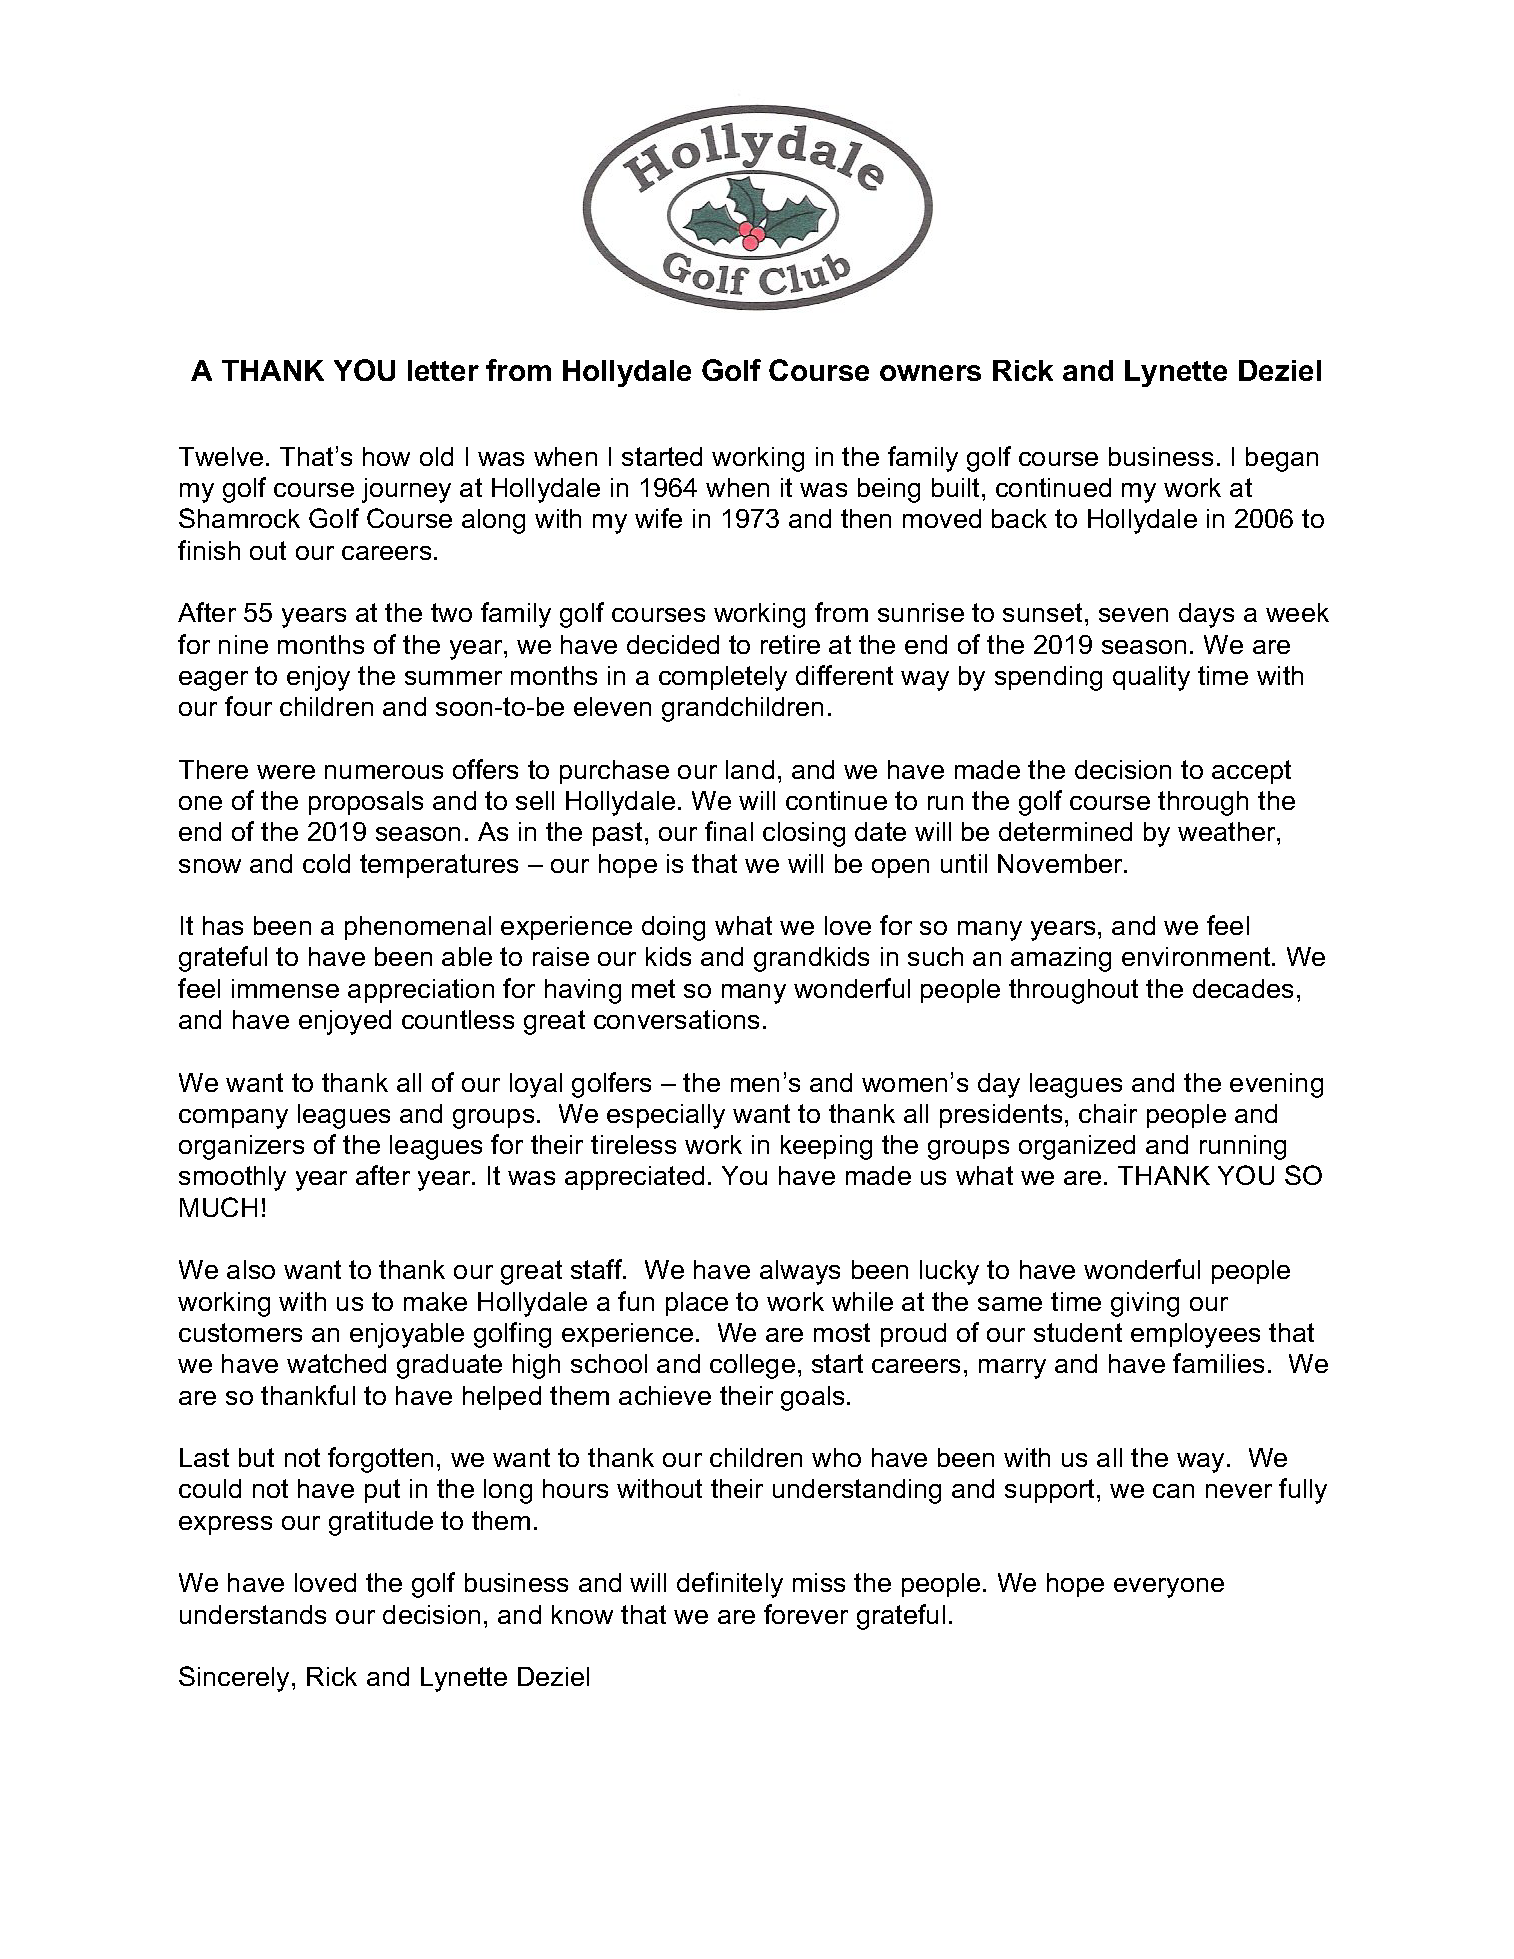 Hollydale Letter 2019.png